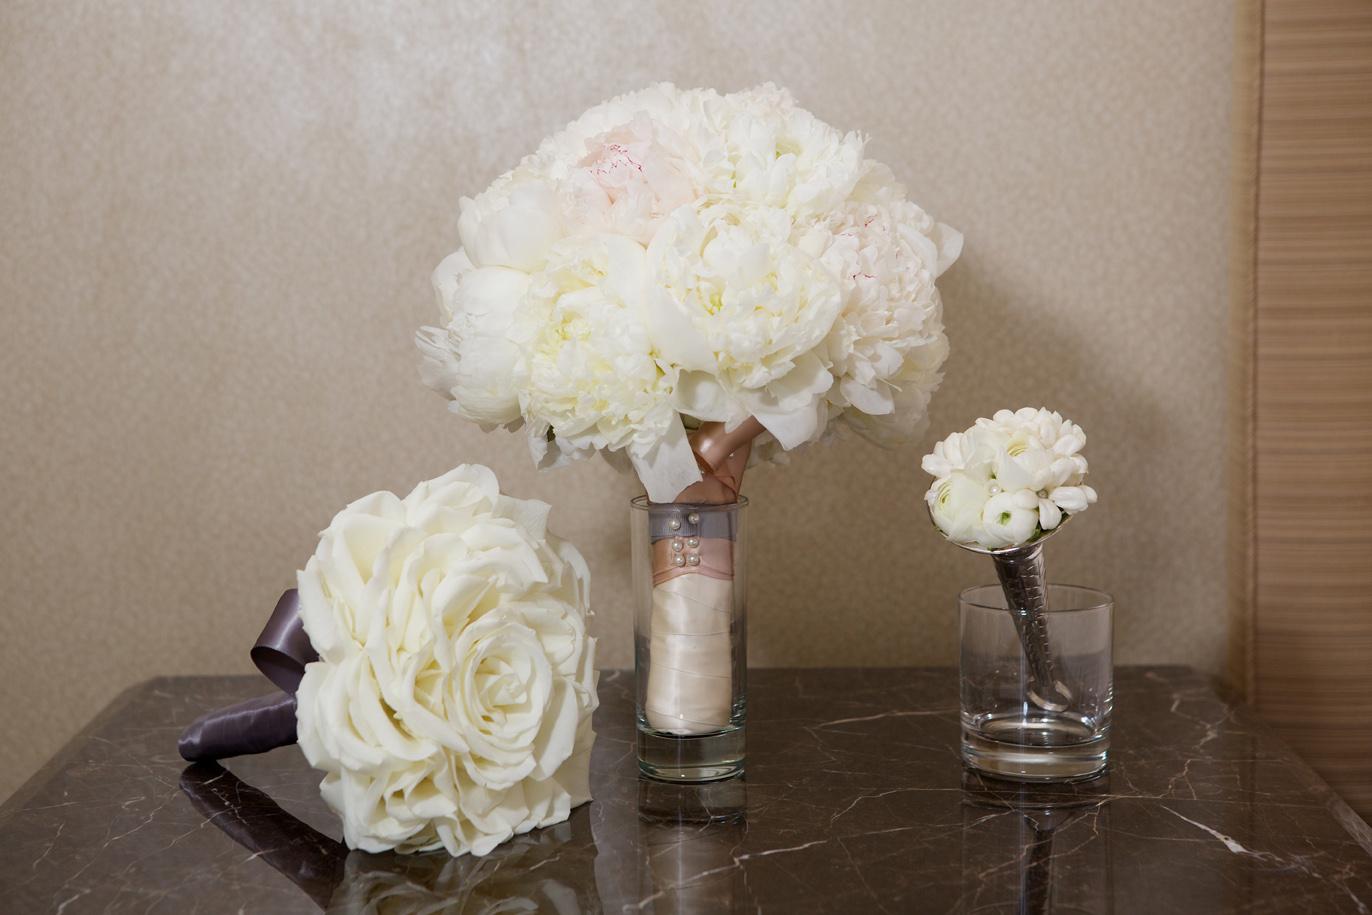 Wedding Bouquet: Discover the Unique Glamelia Rose Bouquet - Inside ...